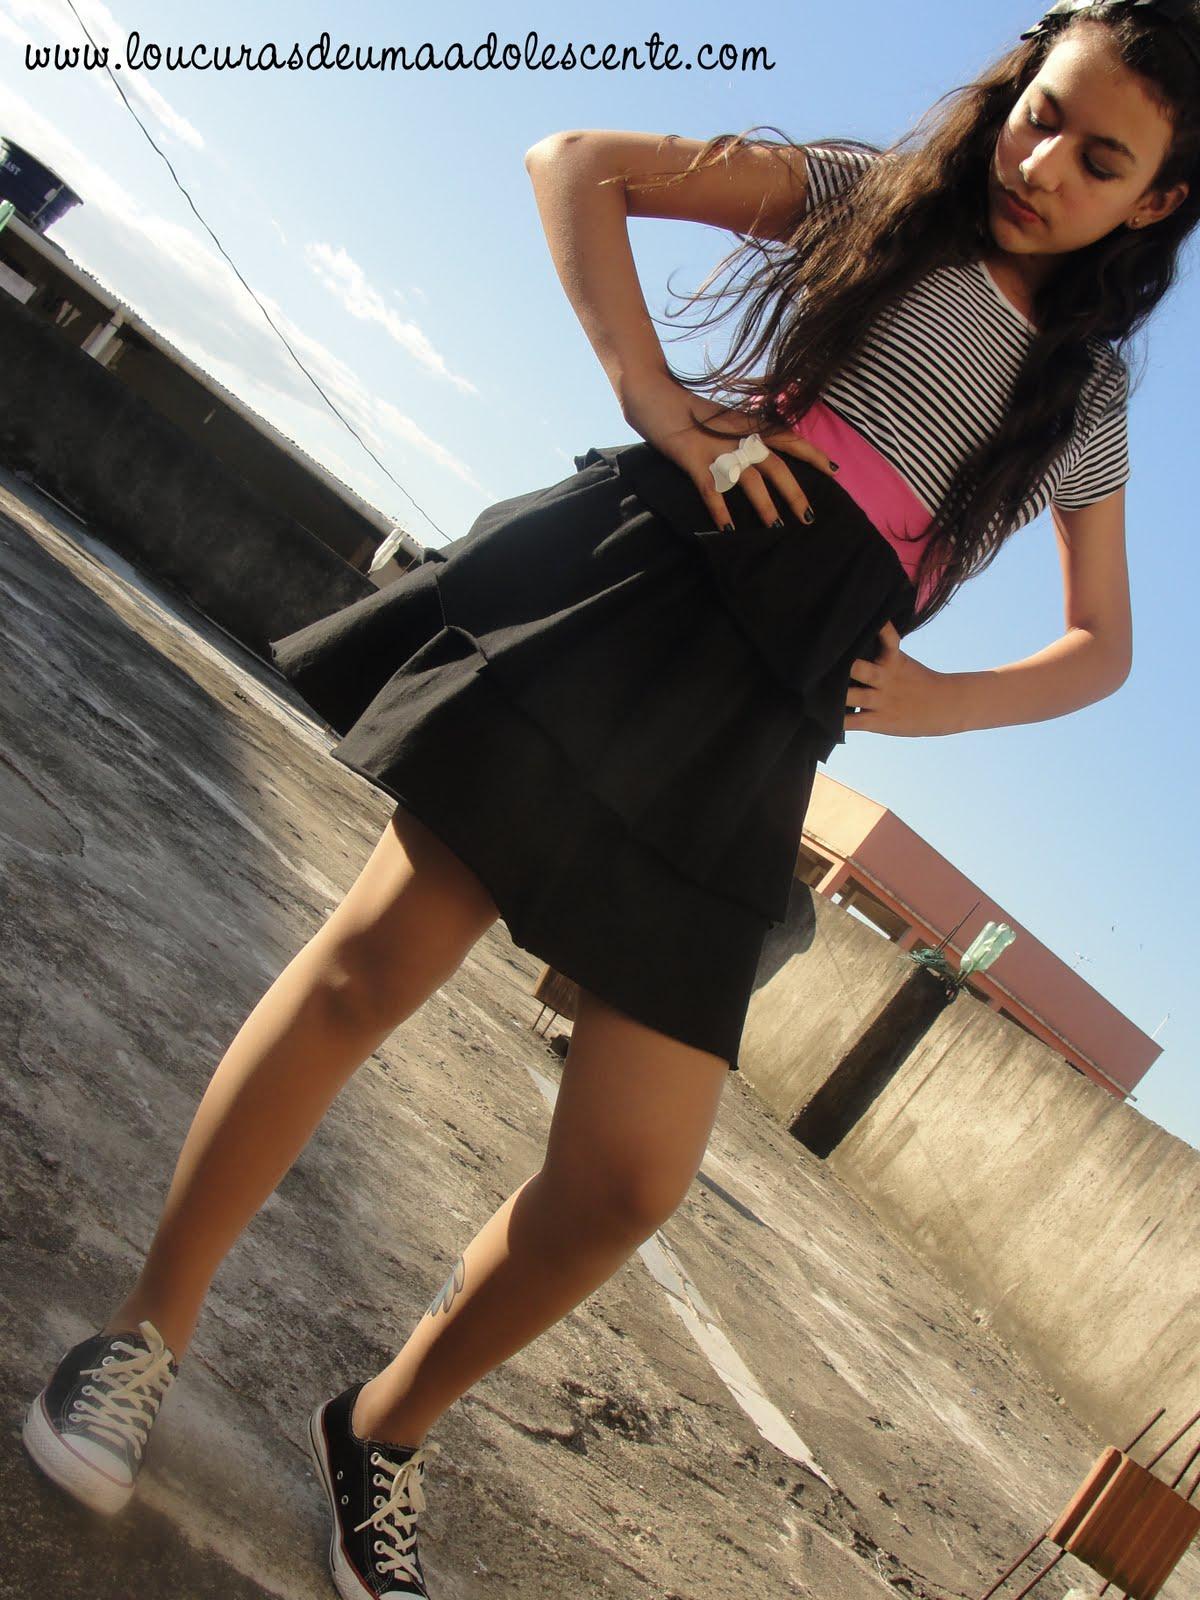 http://1.bp.blogspot.com/-B37ZEOR2tYw/TiDeO9nrmEI/AAAAAAAABxs/XwrZdMD39ZI/s1600/look1.JPG